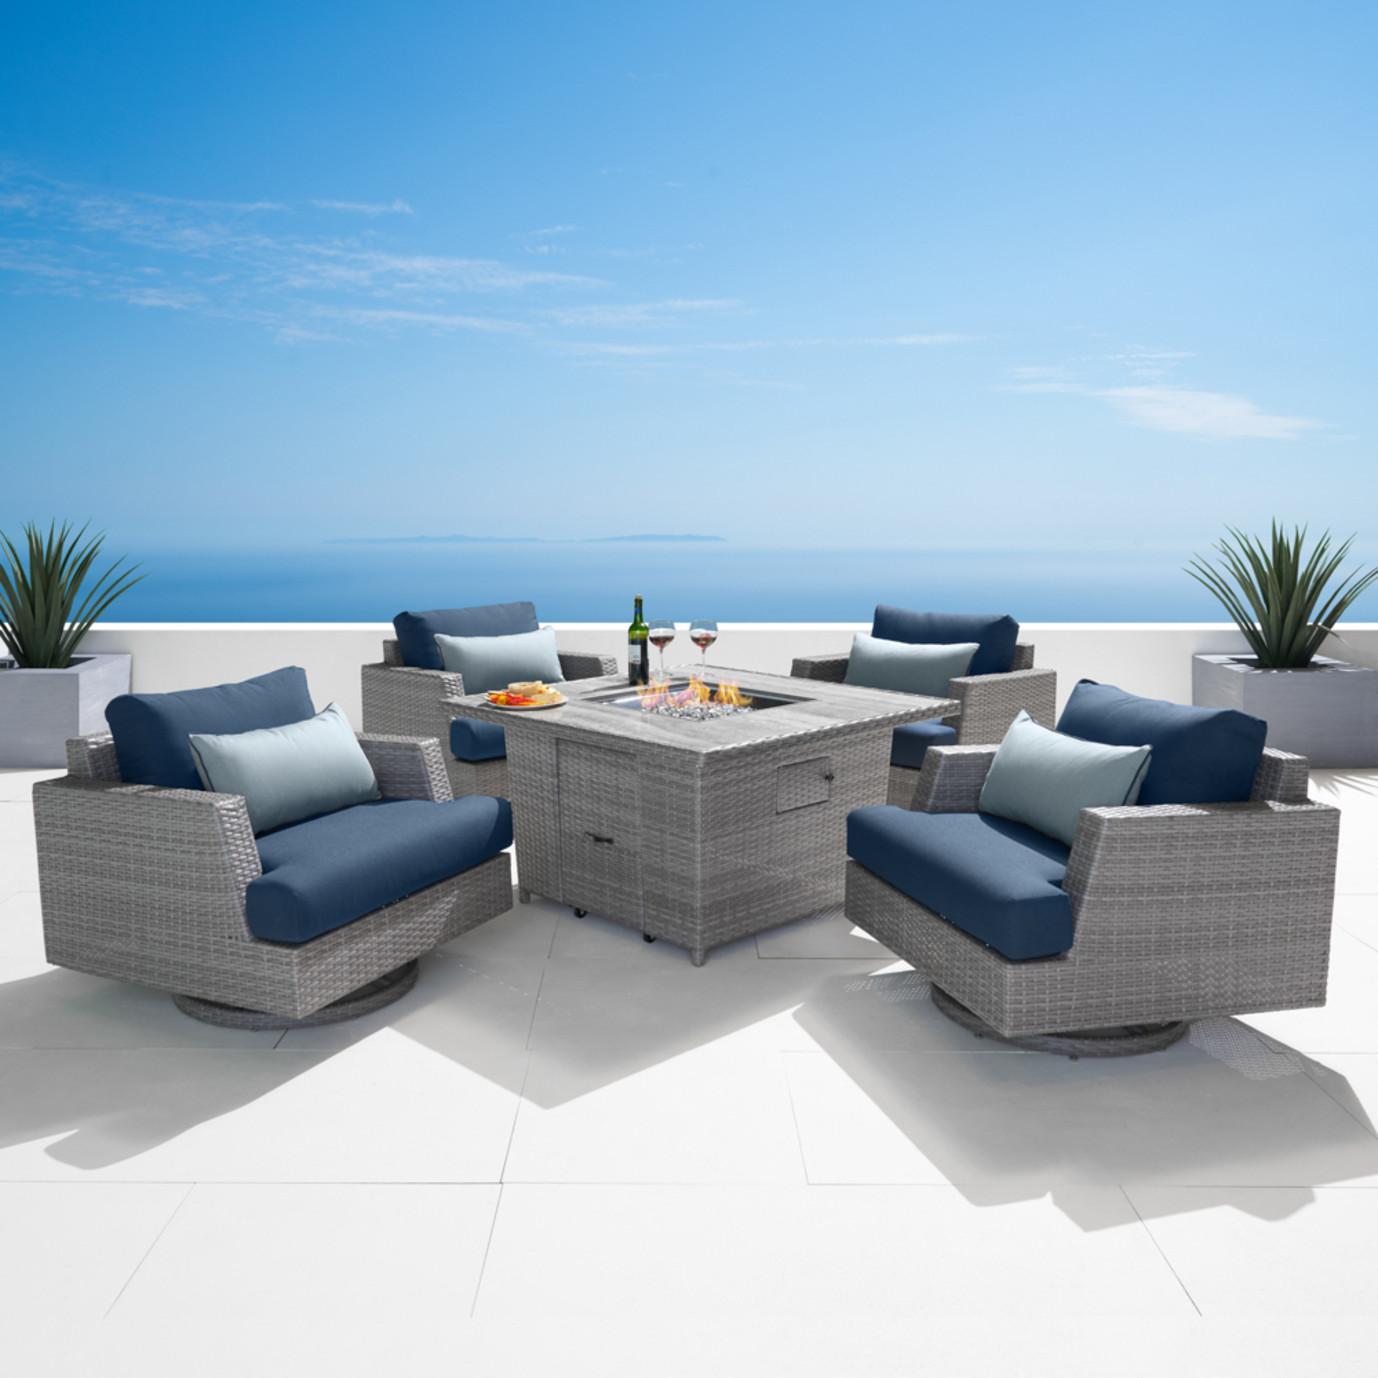 Portofino® Comfort 5pc Fire Chat Set - Laguna Blue